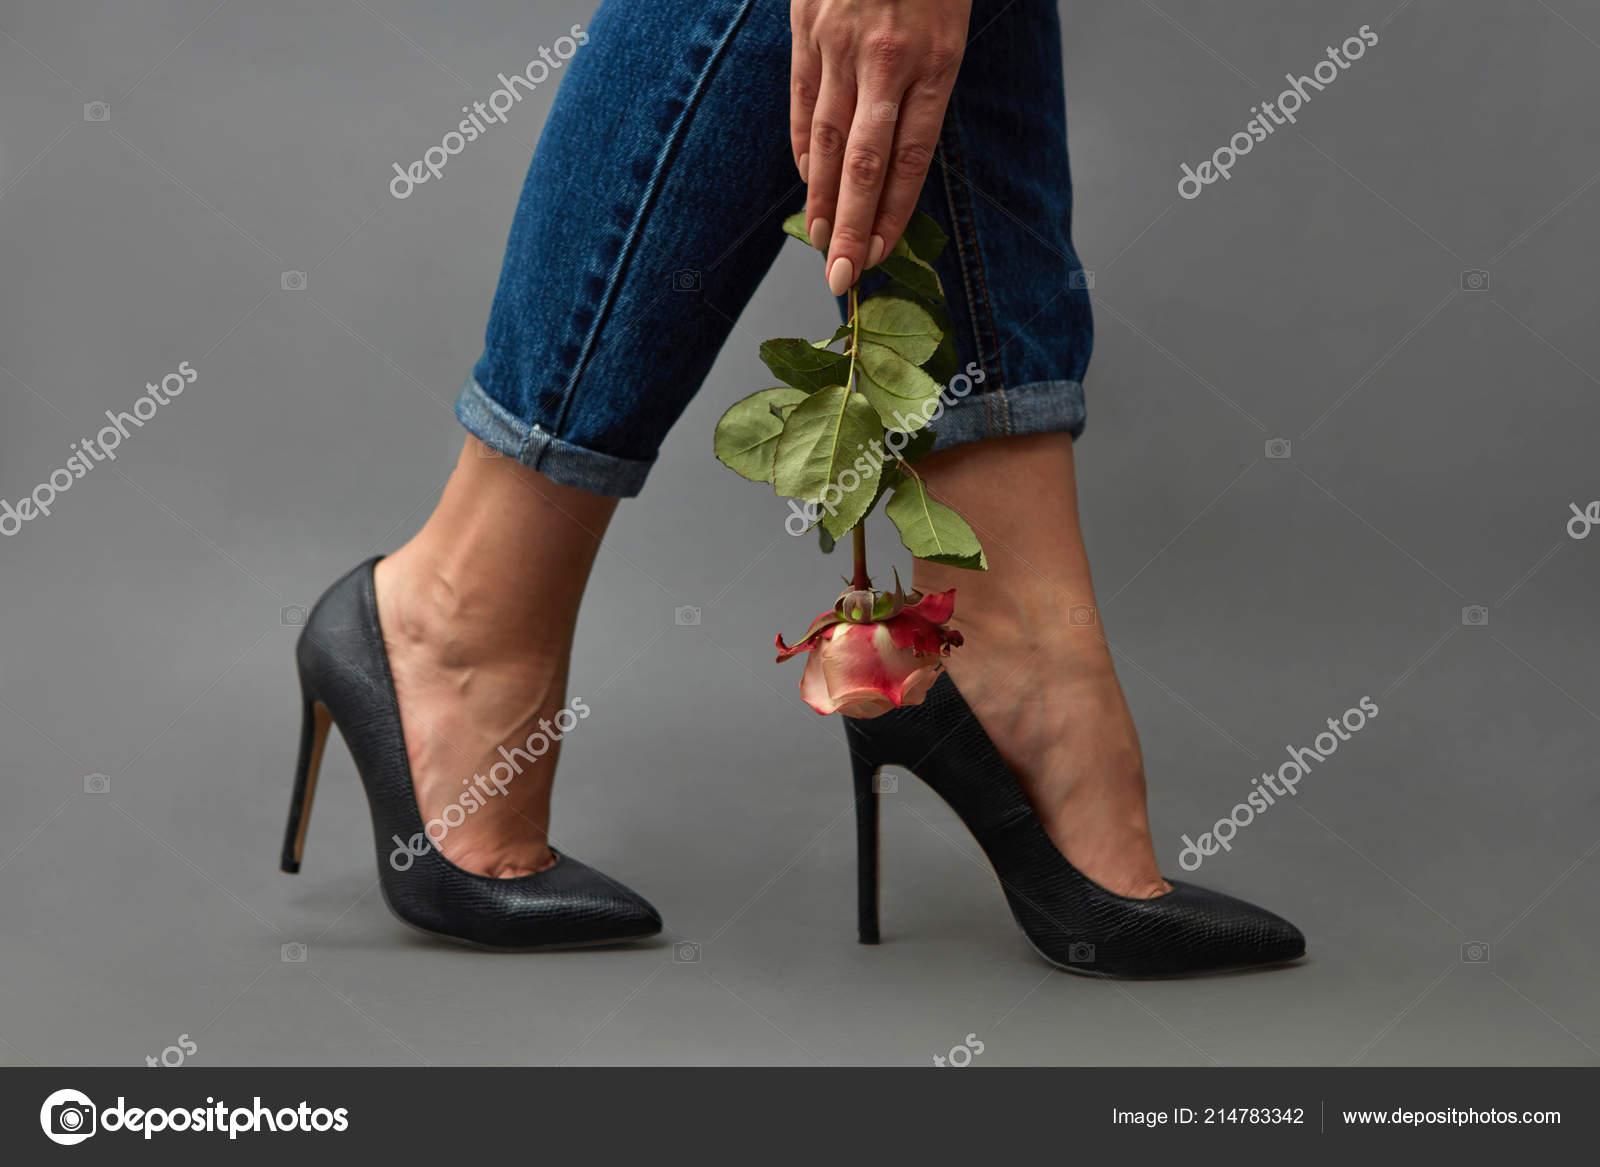 Секс девушки с туфлей